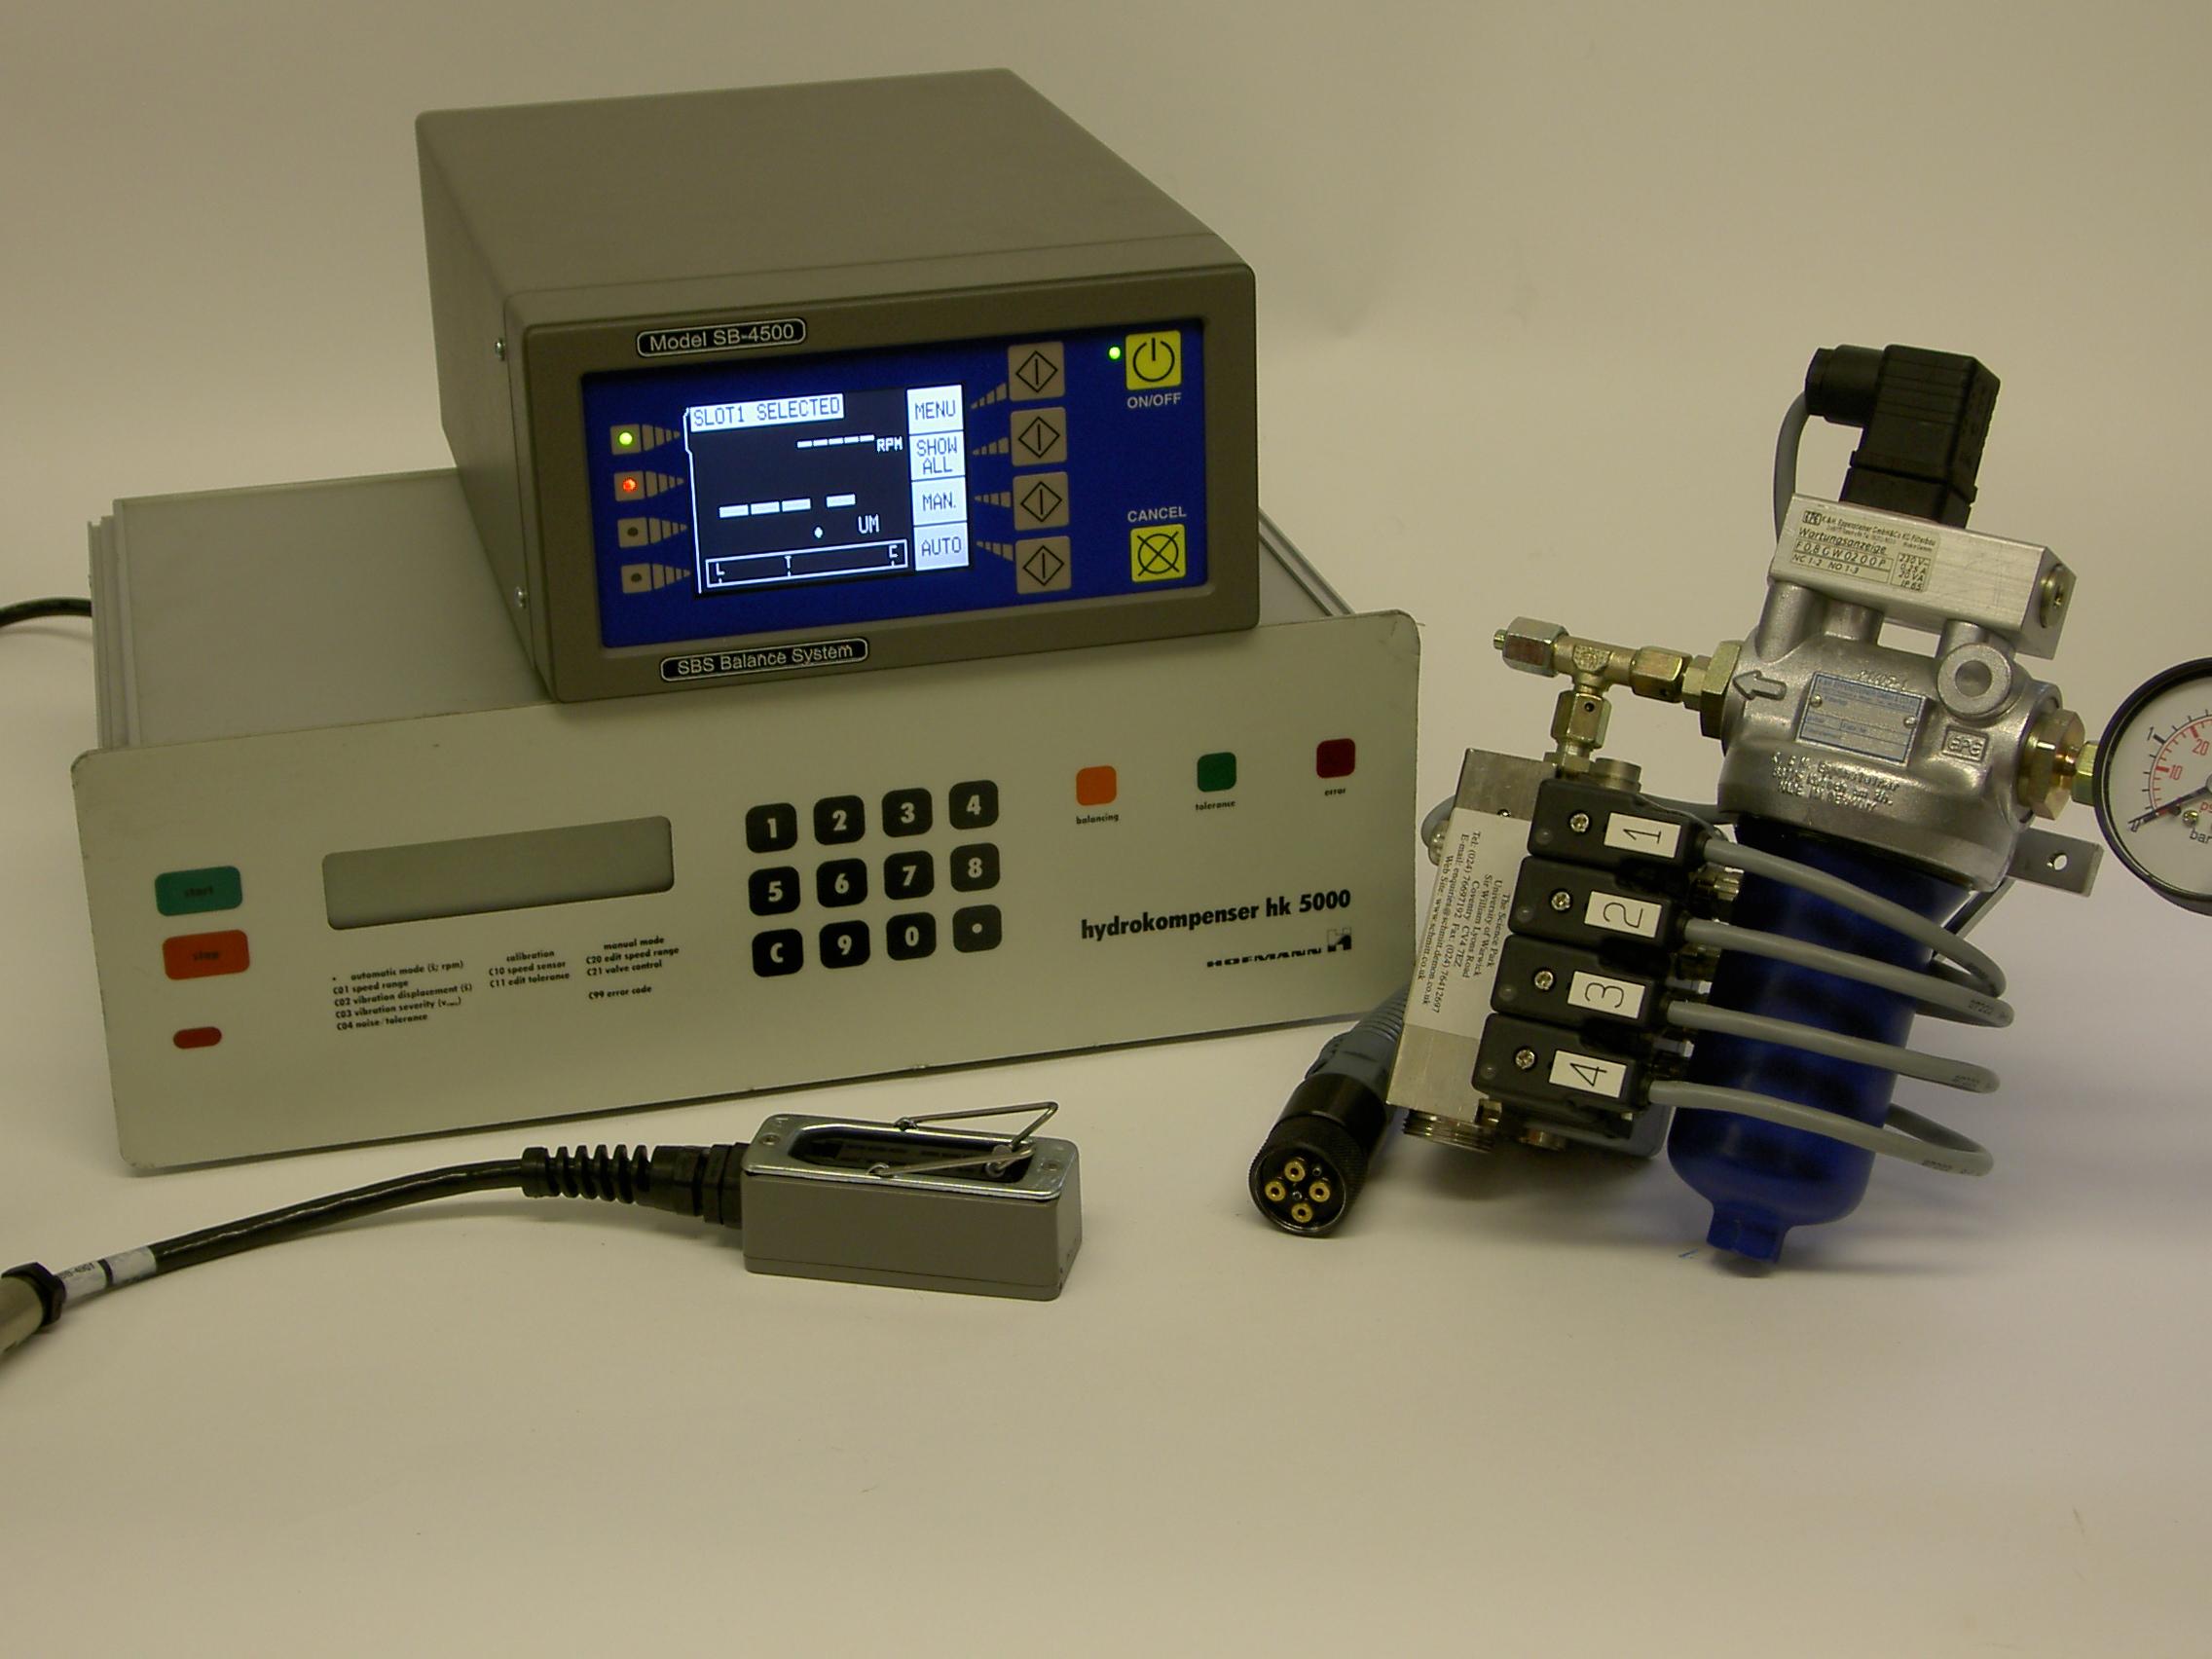 hk-5000-ug